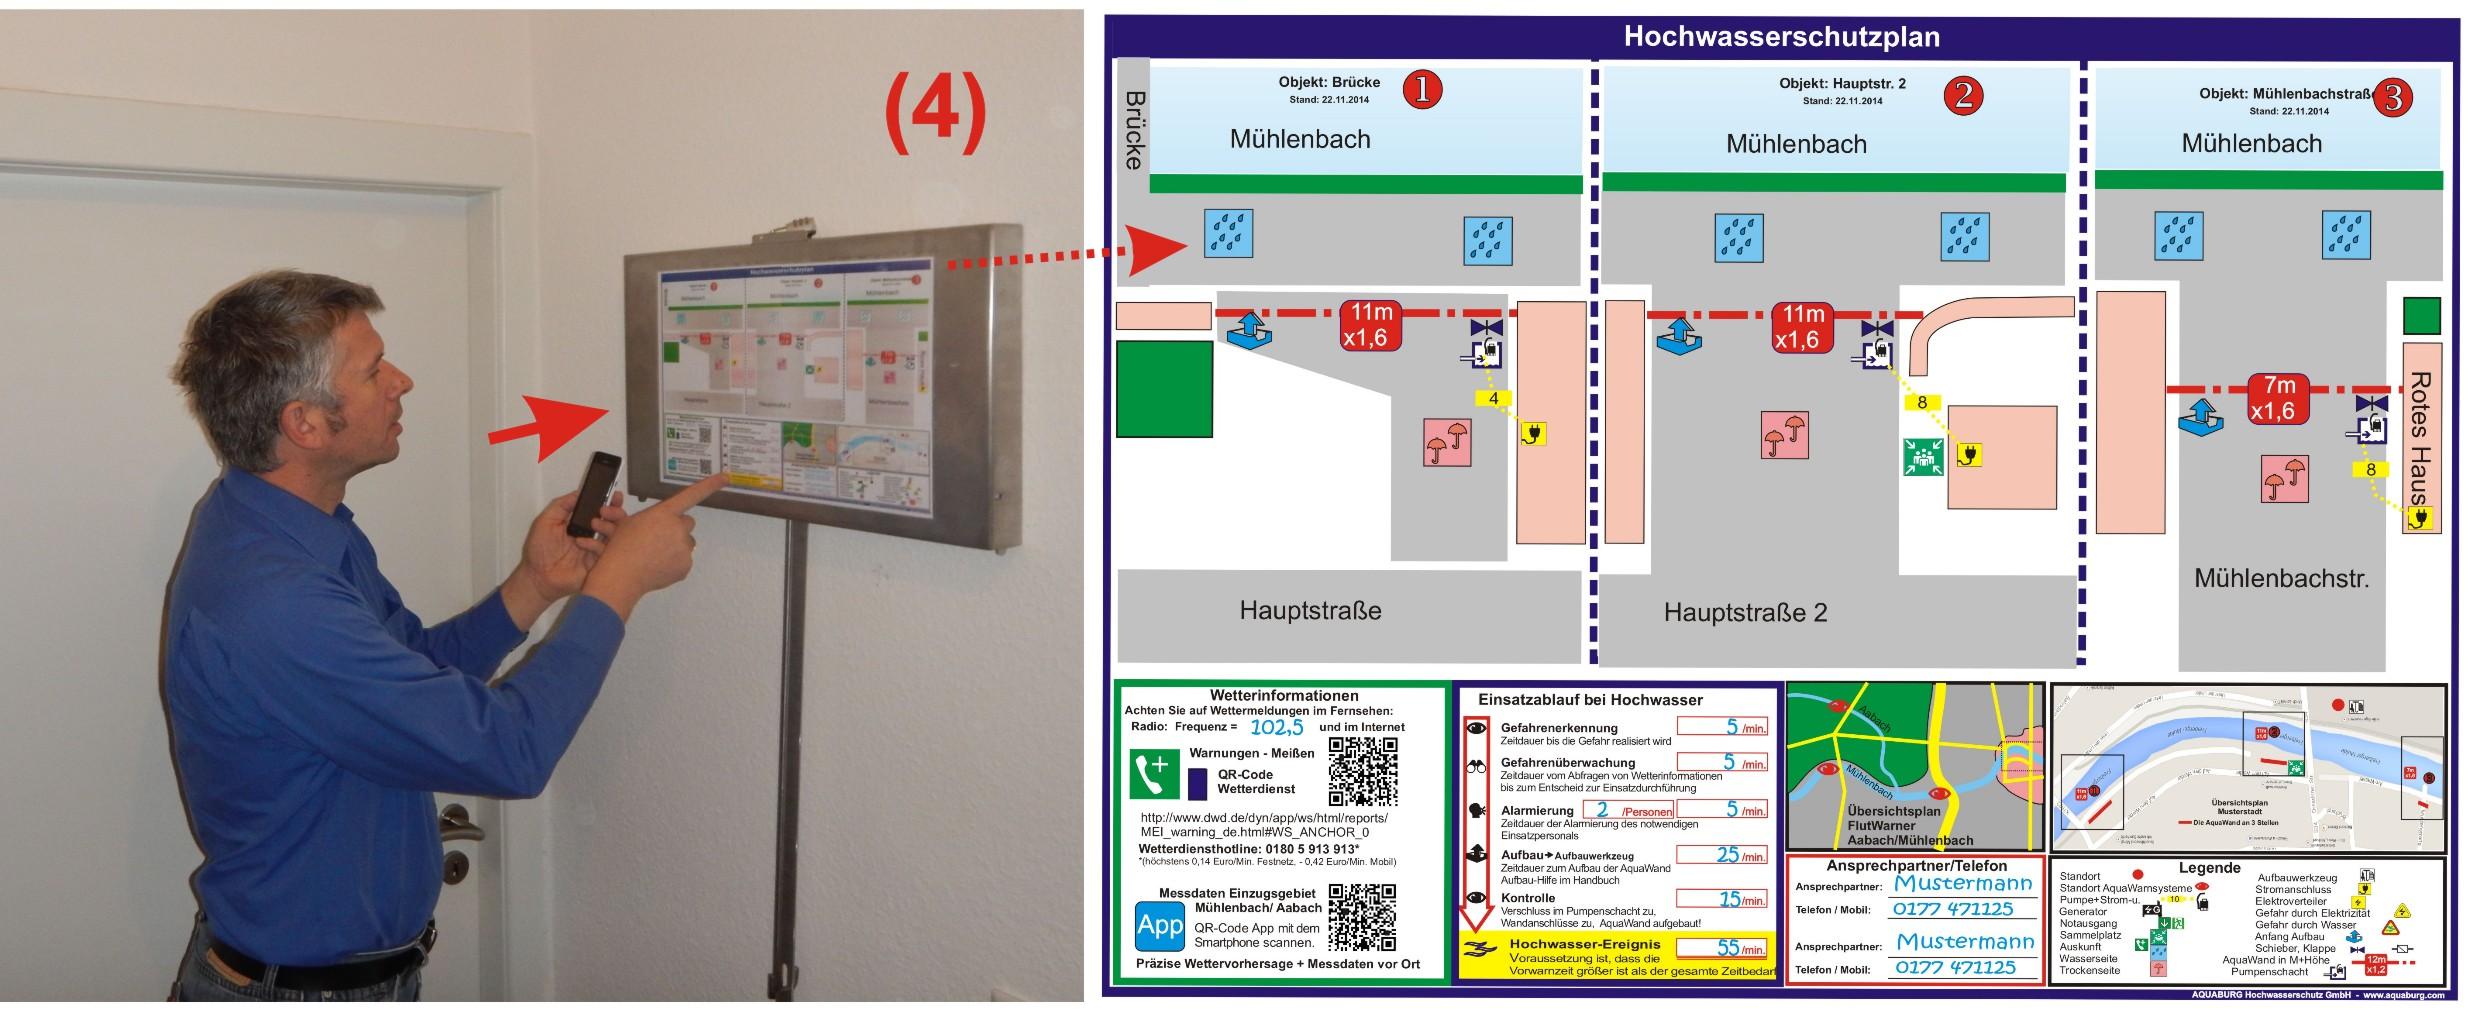 Hochwasserschutzplan mit Lagerbox und Aufbauwerkzeug im Gebäude